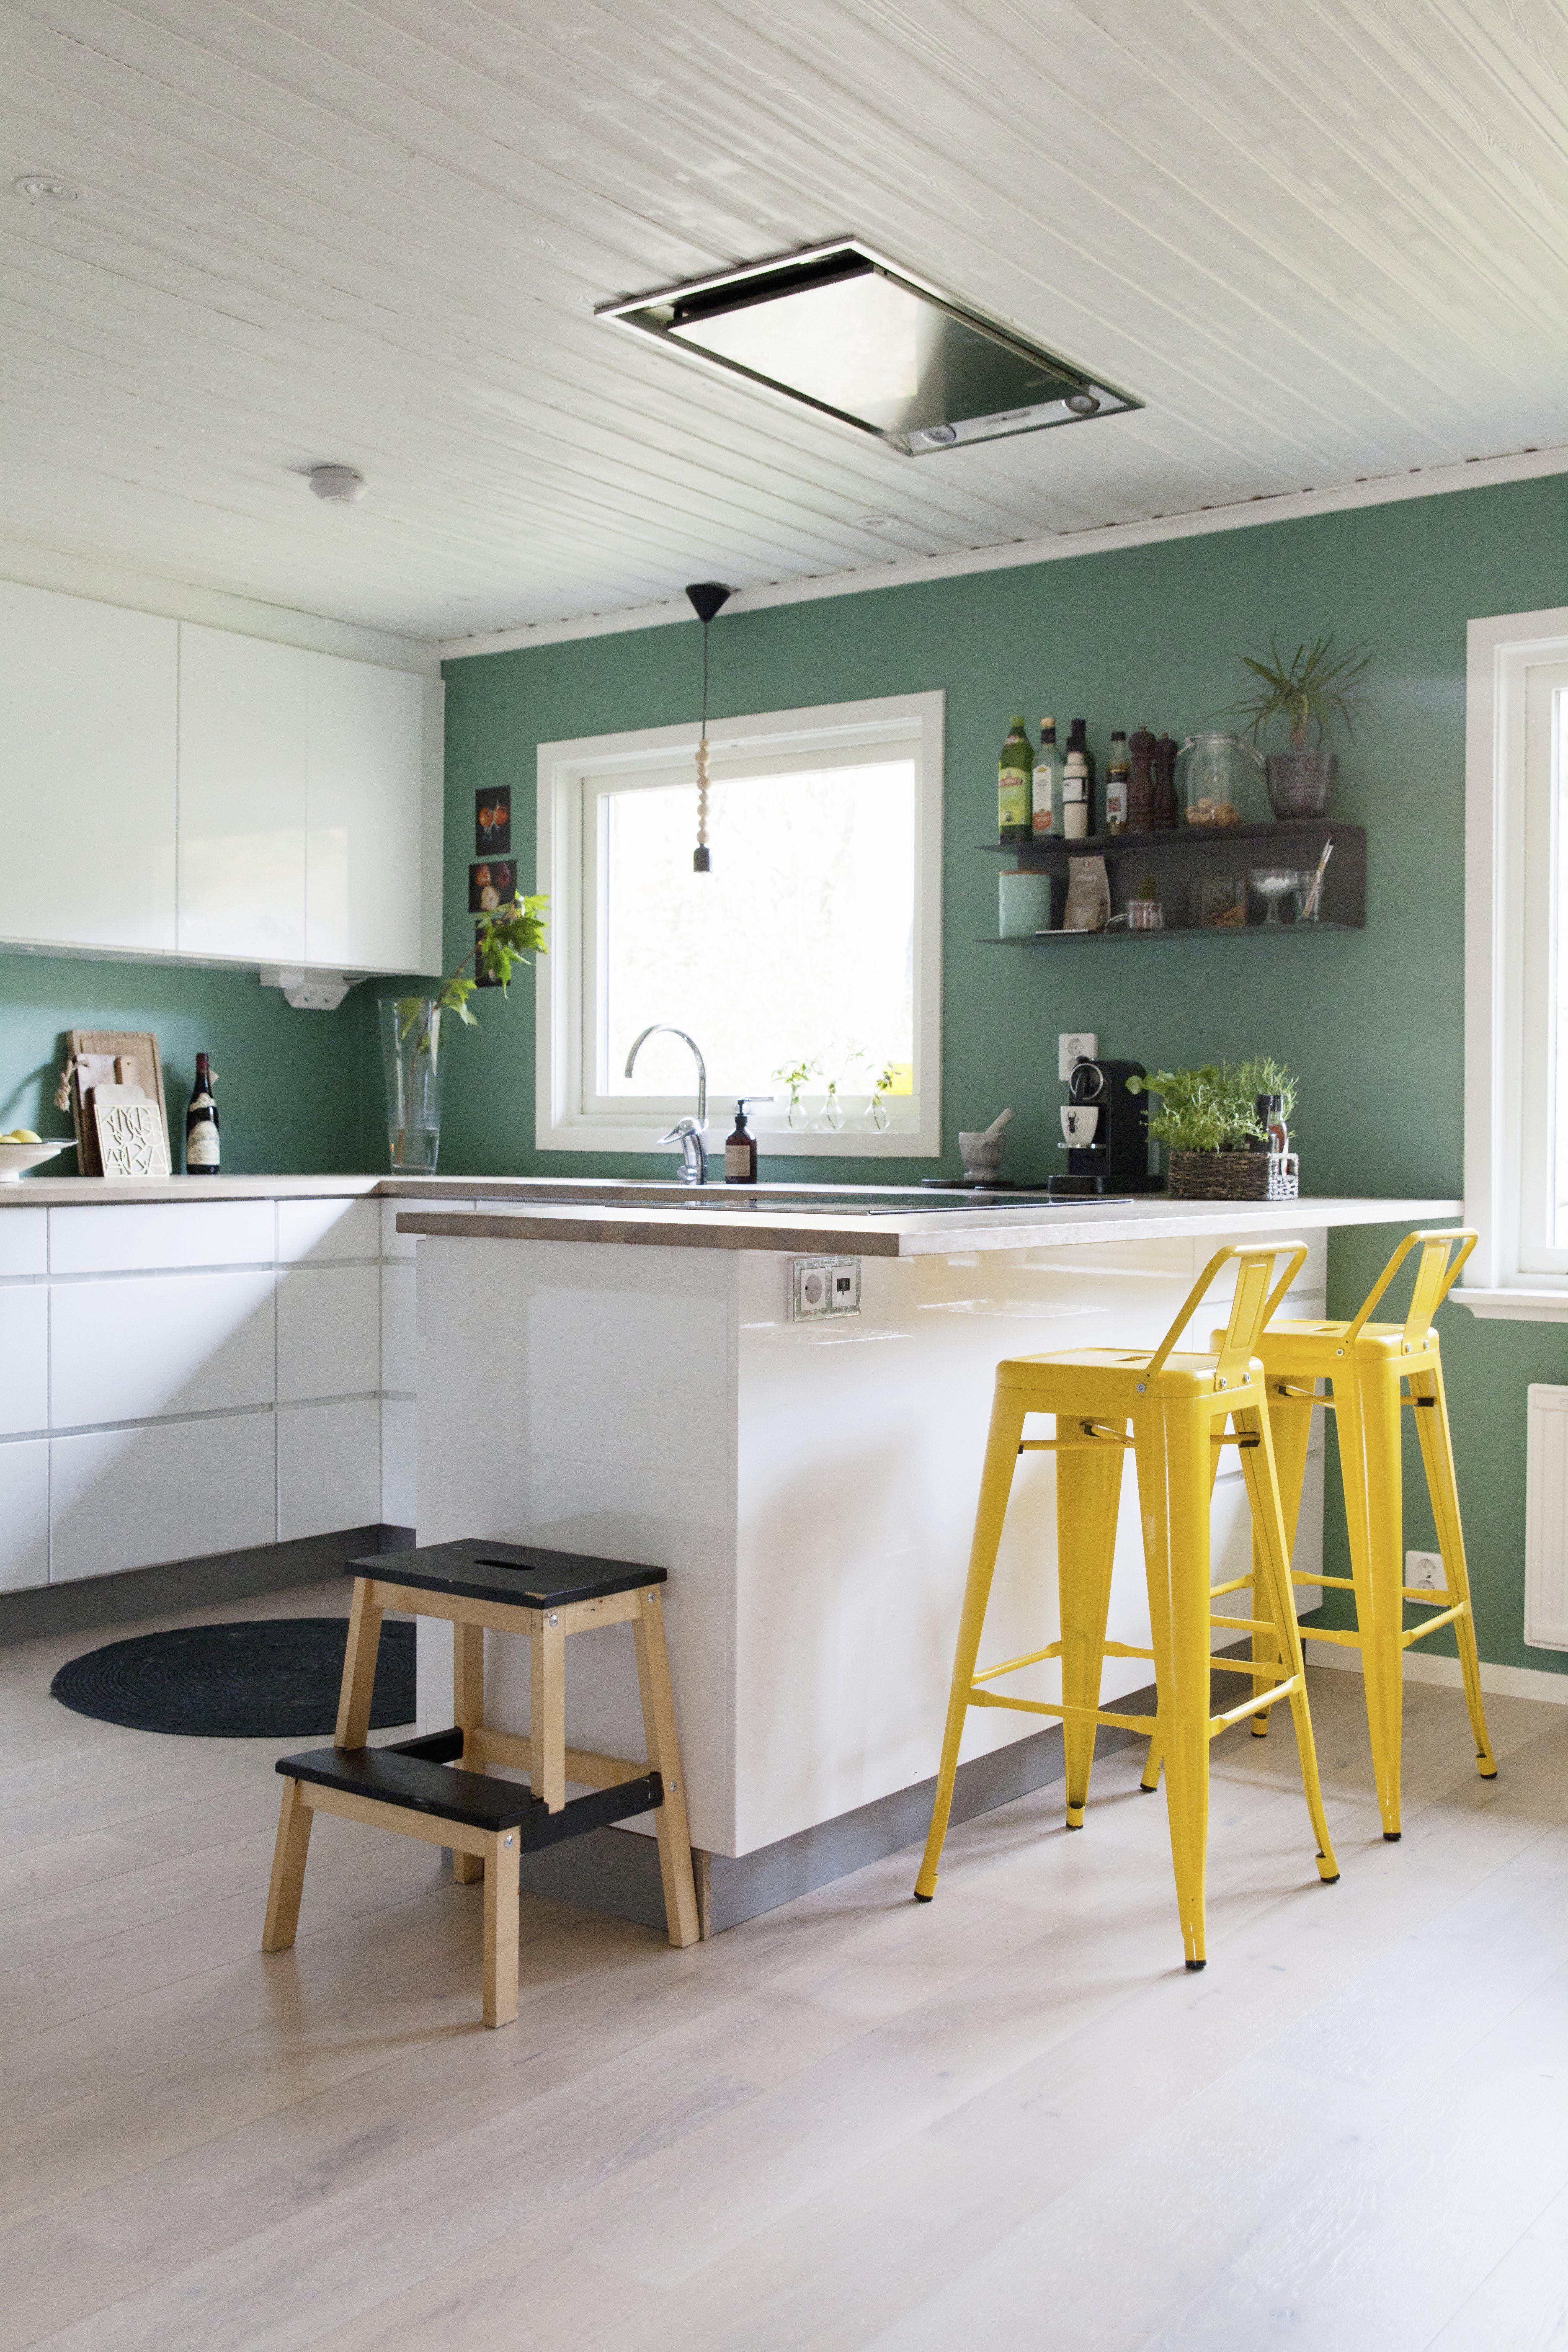 Petrolfarbe Die Trendfarbe Zum Einrichten Das Haus Wandfarbe Kuche Kuchen Ideen Farbe Kuche Farbe